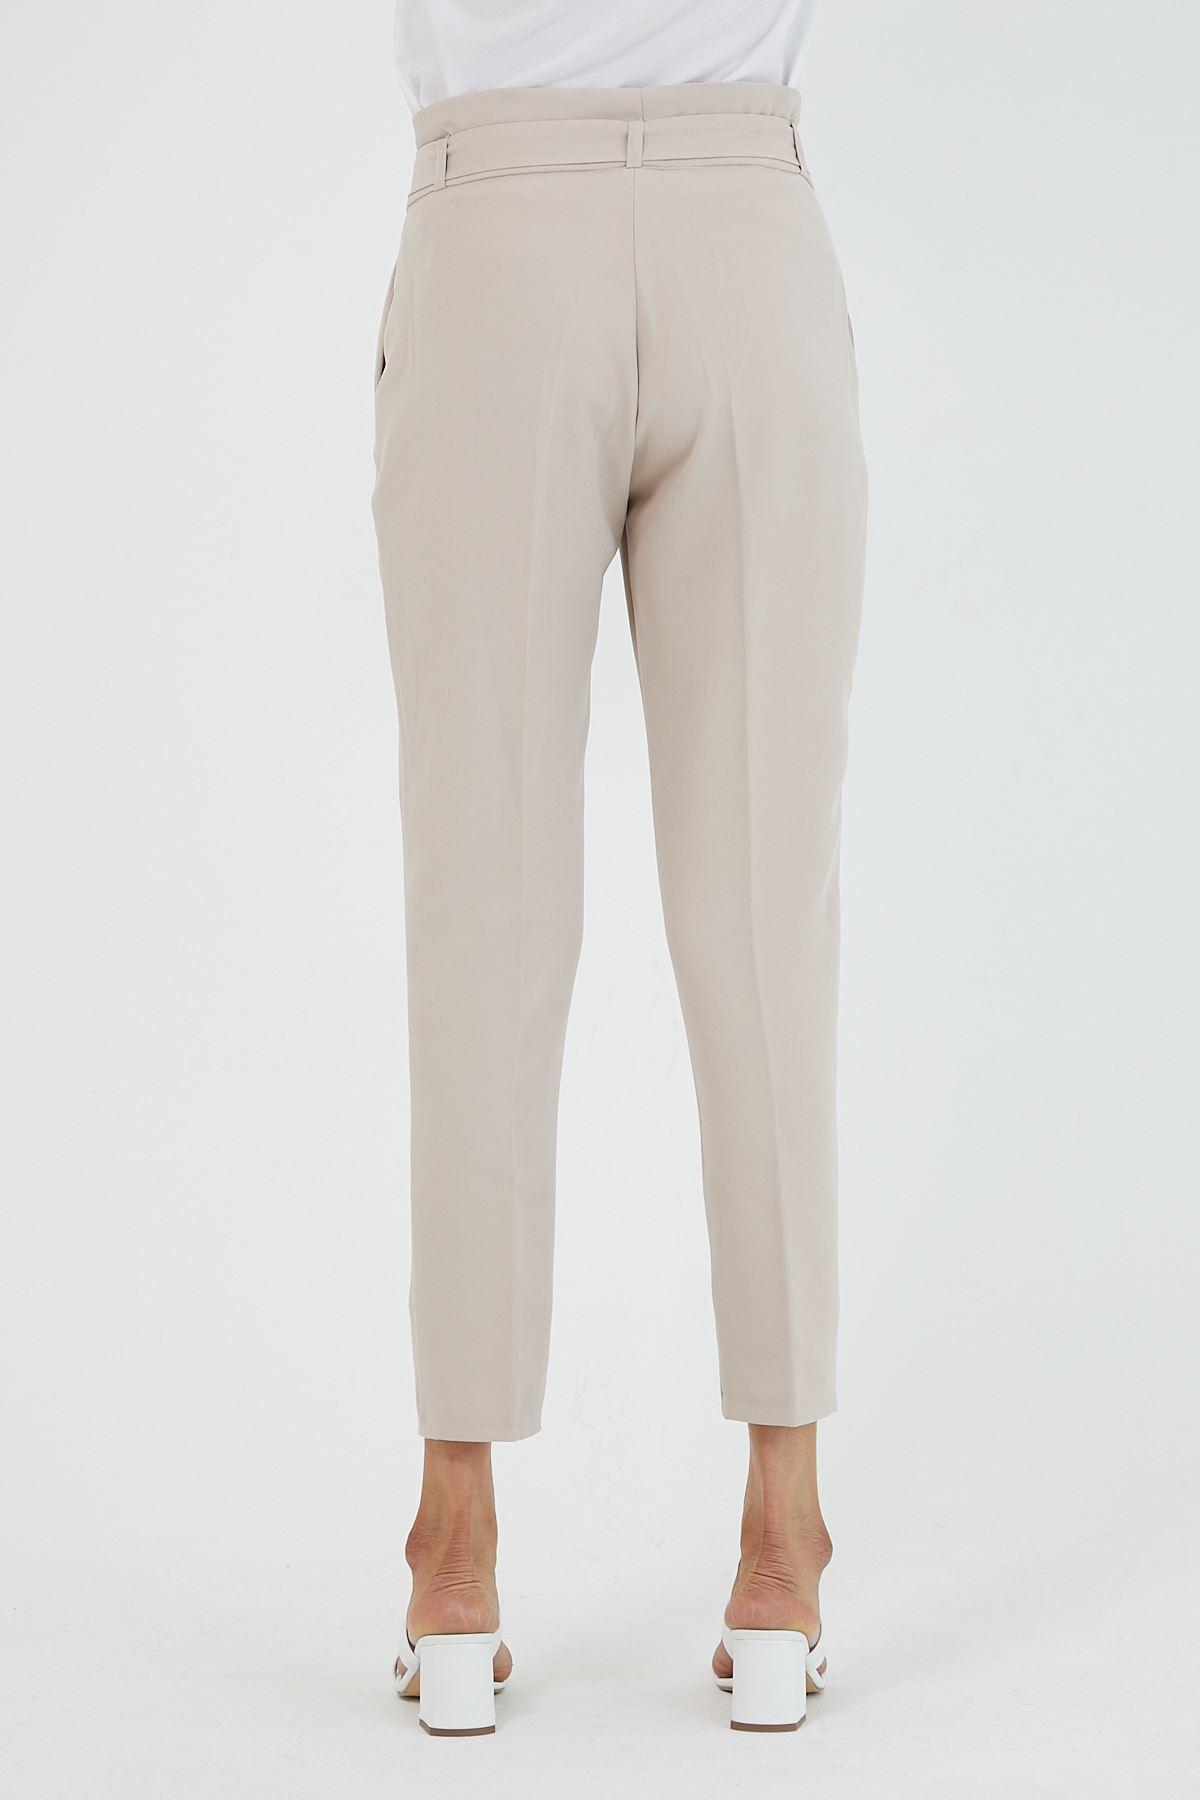 Kadın Bel Büzgülü Bej Kumaş Pantolon